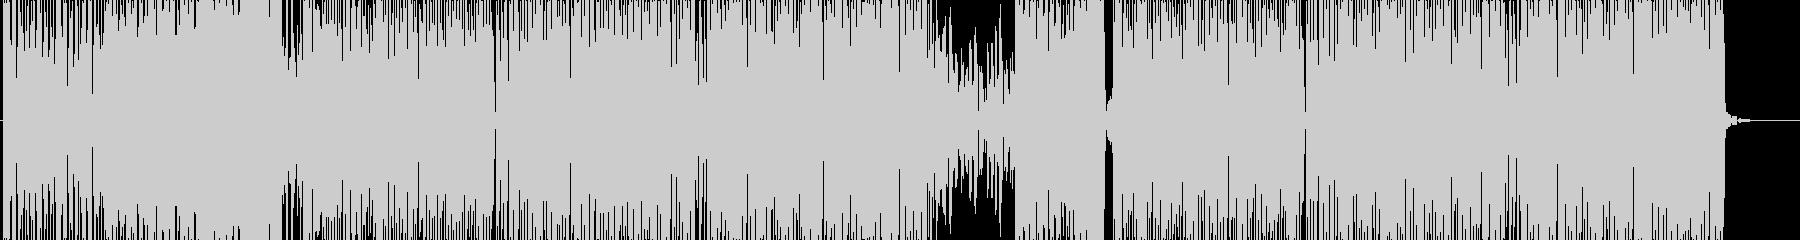 ダーク・EDM・ダンスミュージック・洋楽の未再生の波形